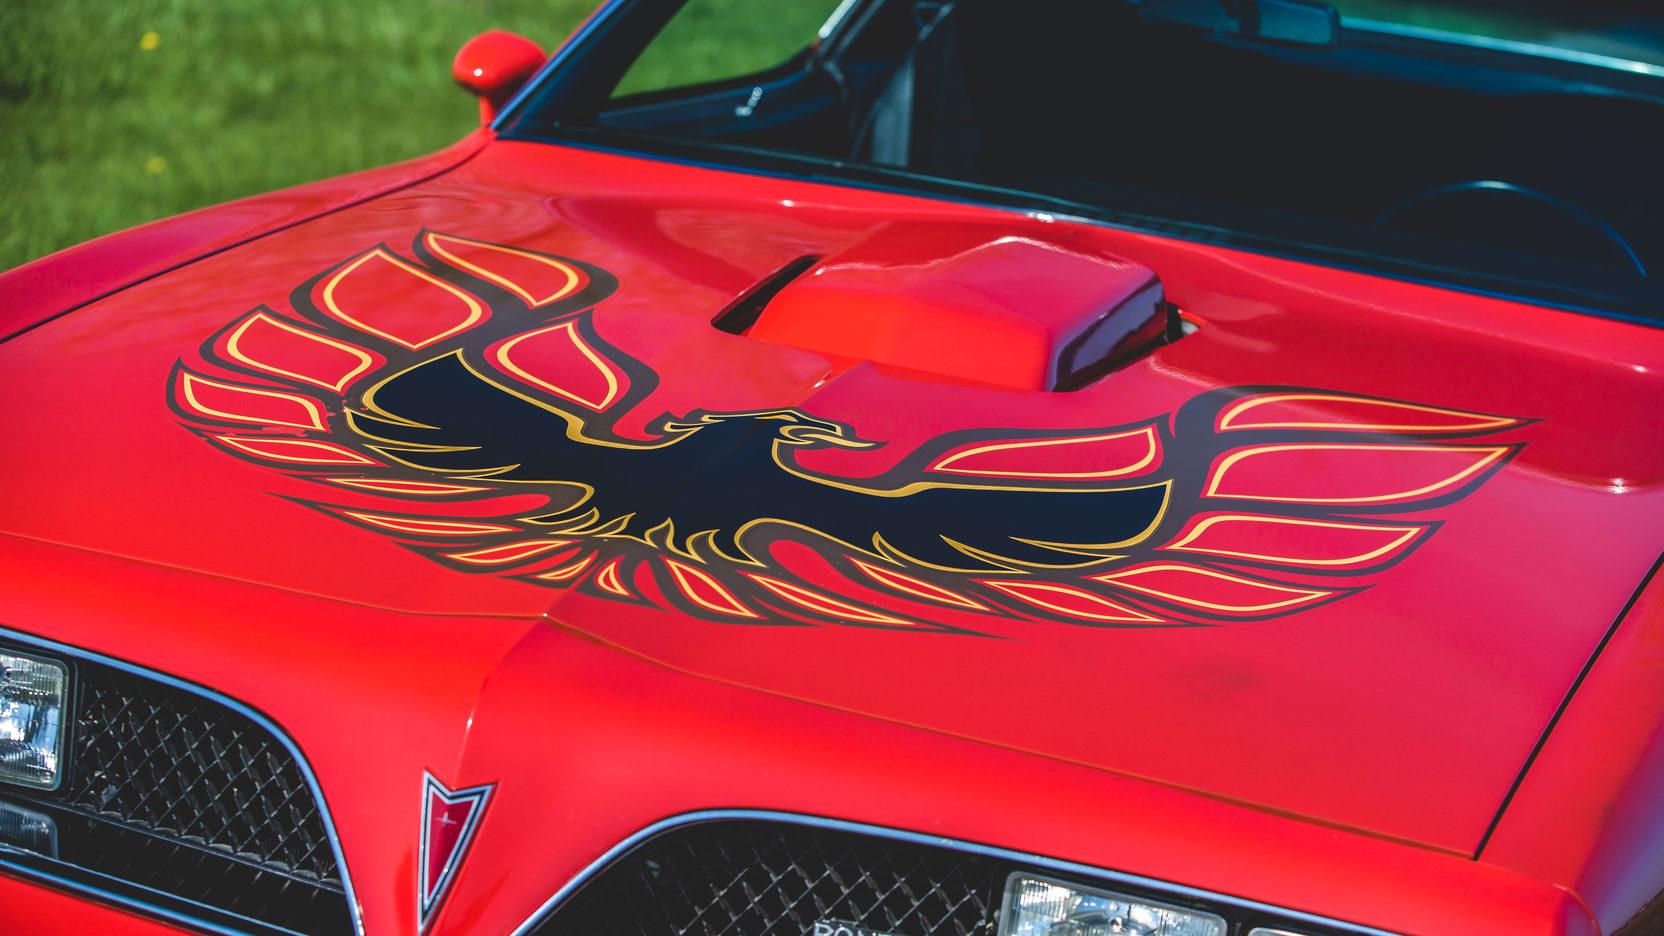 1978 Pontiac Firebird Trans Am screaming chicken hood